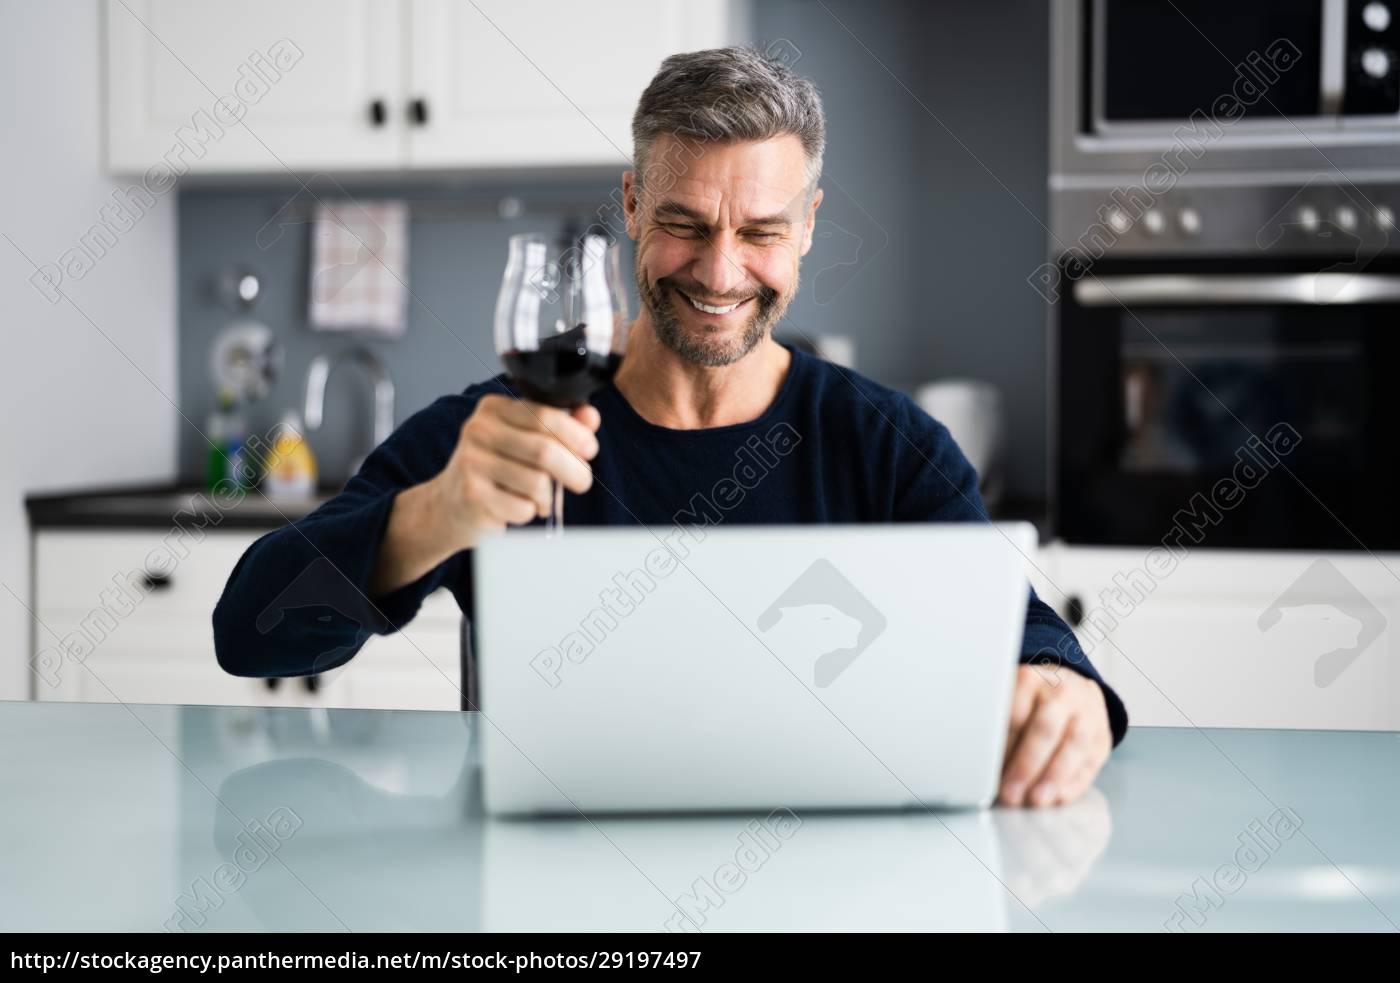 evento, virtual, de, degustação, de, vinhos - 29197497